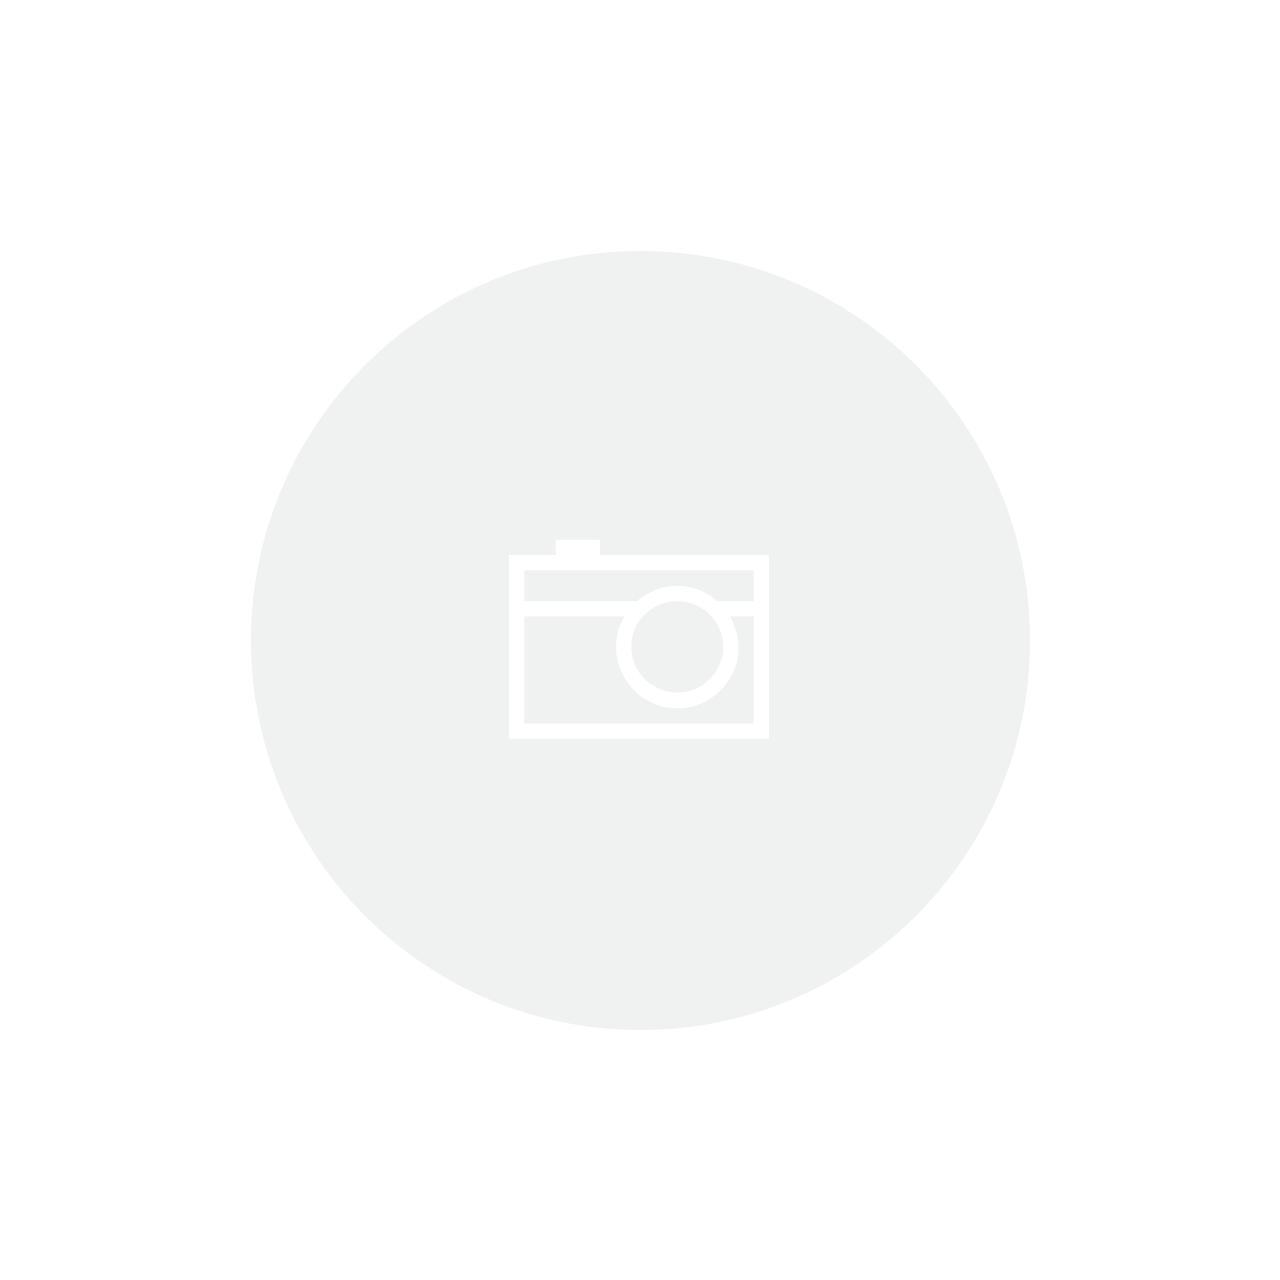 MOCHILA HIDRATAÇÃO 2,5L+8L THULE VITAL OBSIDIAN PT(3203641)